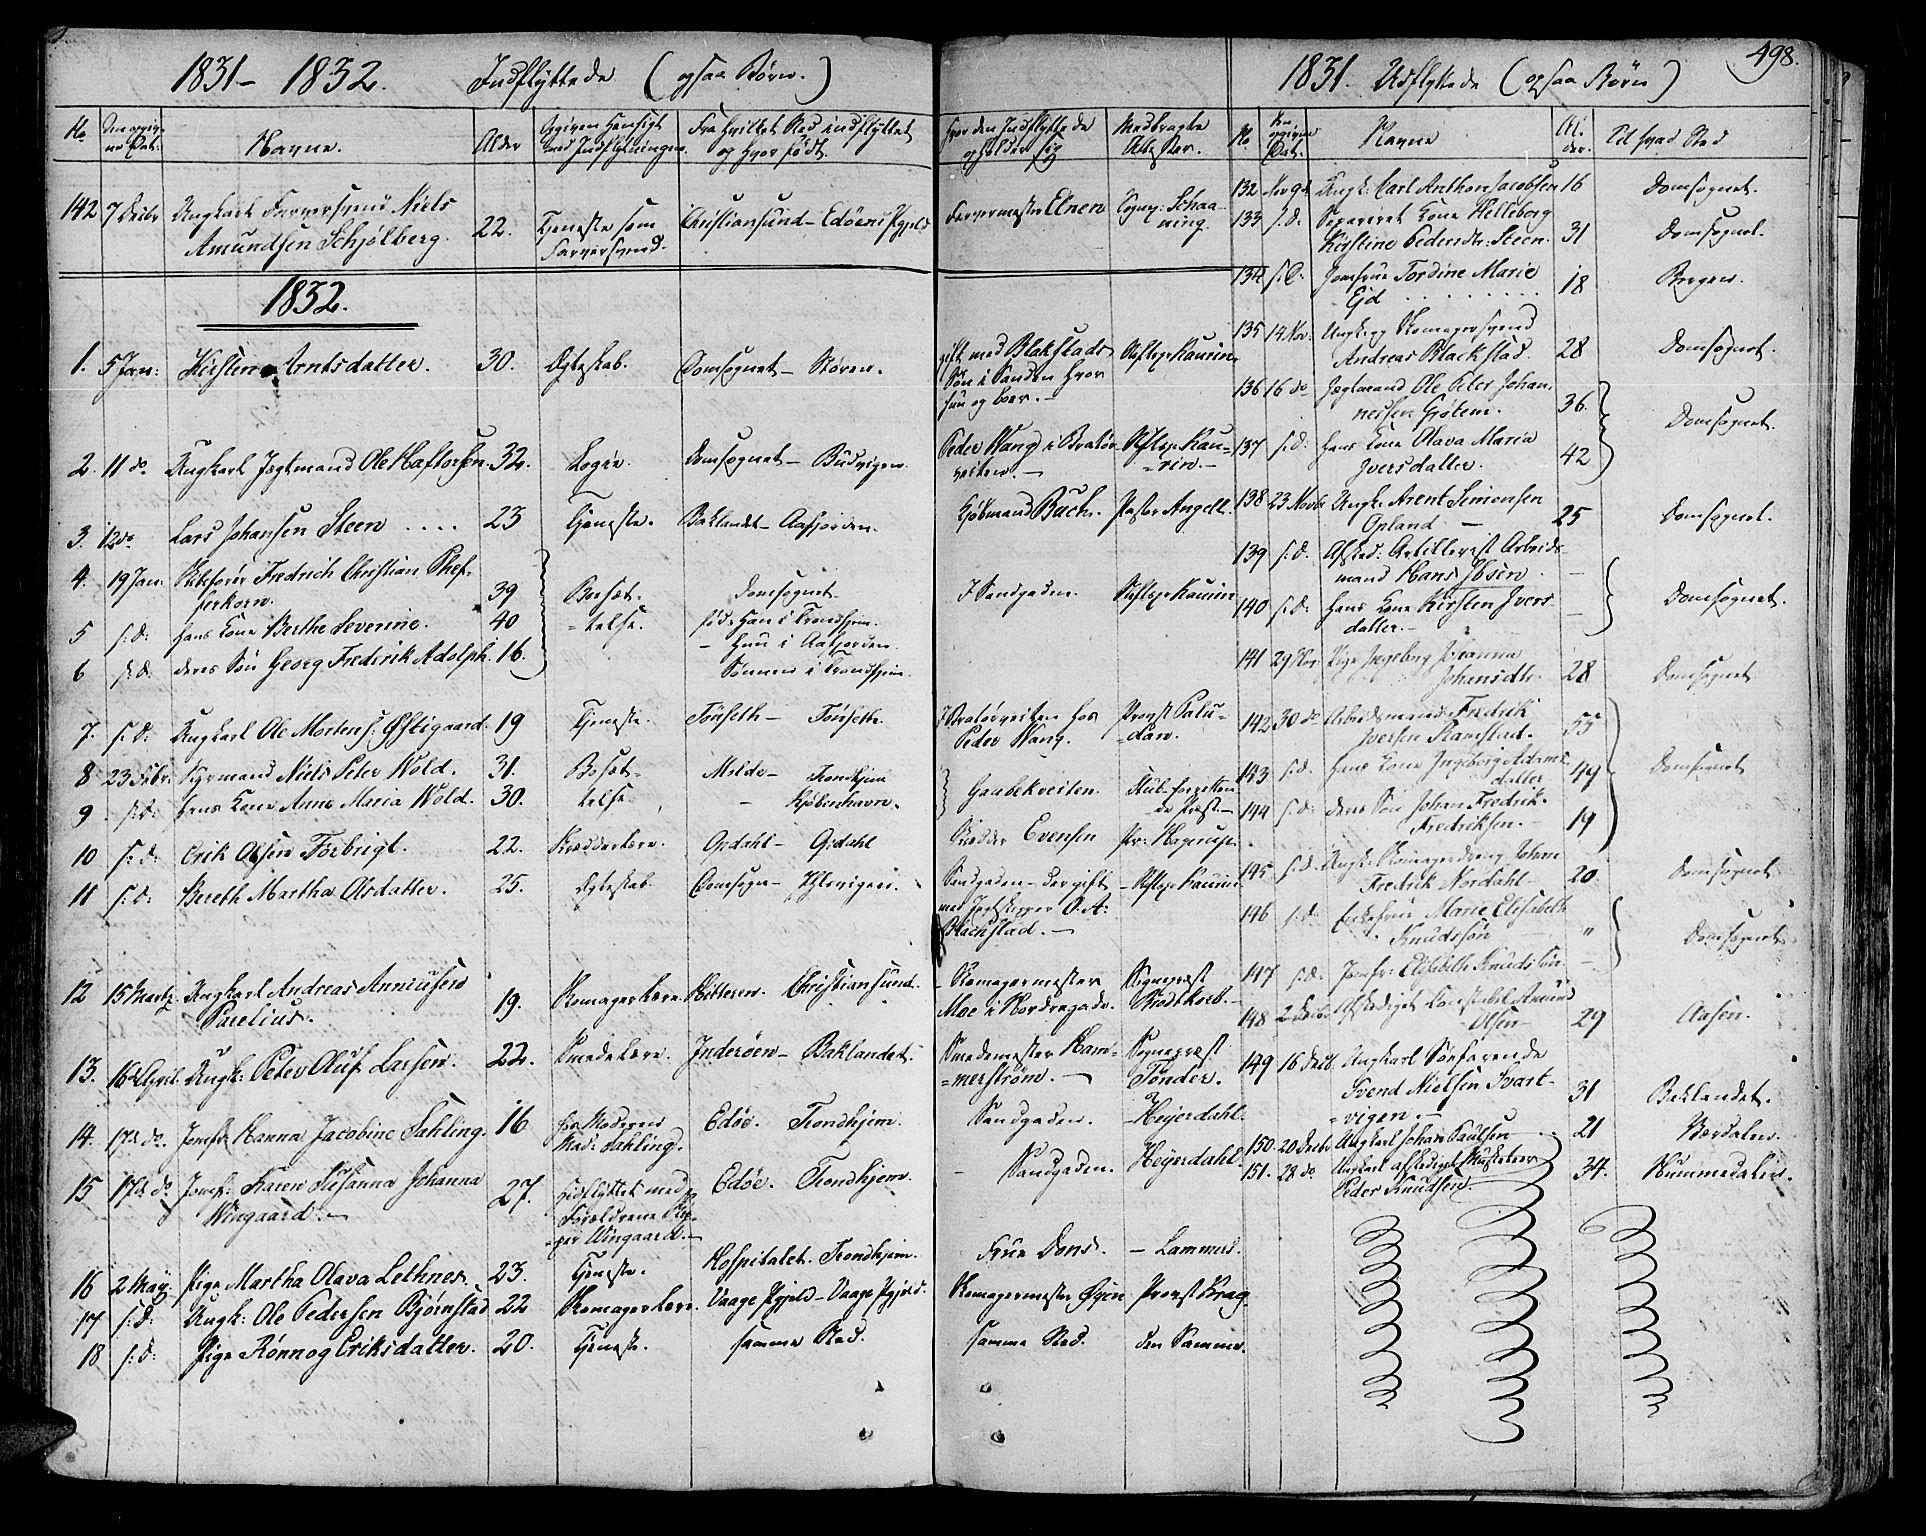 SAT, Ministerialprotokoller, klokkerbøker og fødselsregistre - Sør-Trøndelag, 602/L0109: Ministerialbok nr. 602A07, 1821-1840, s. 498